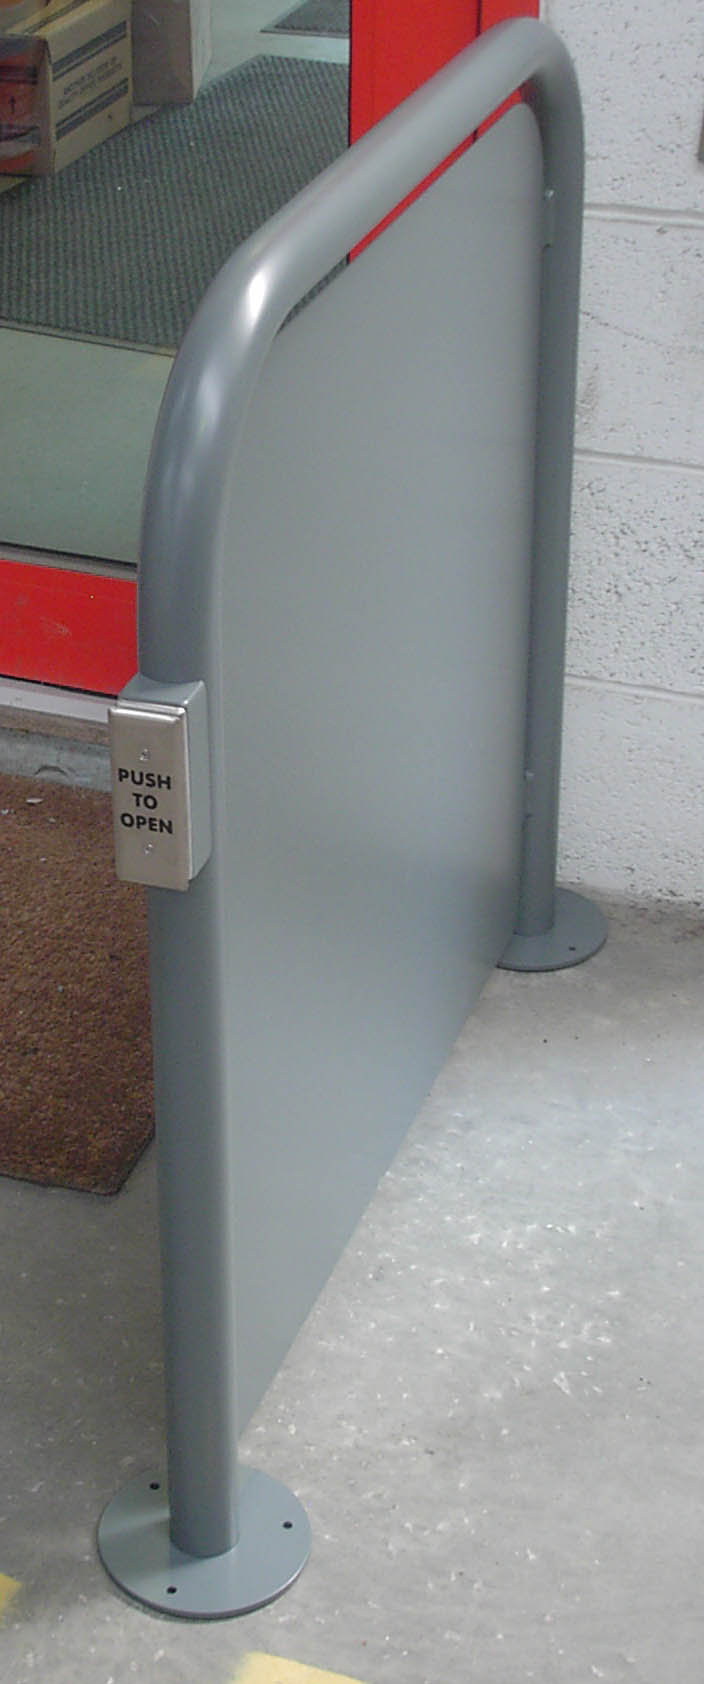 Auto door barriers